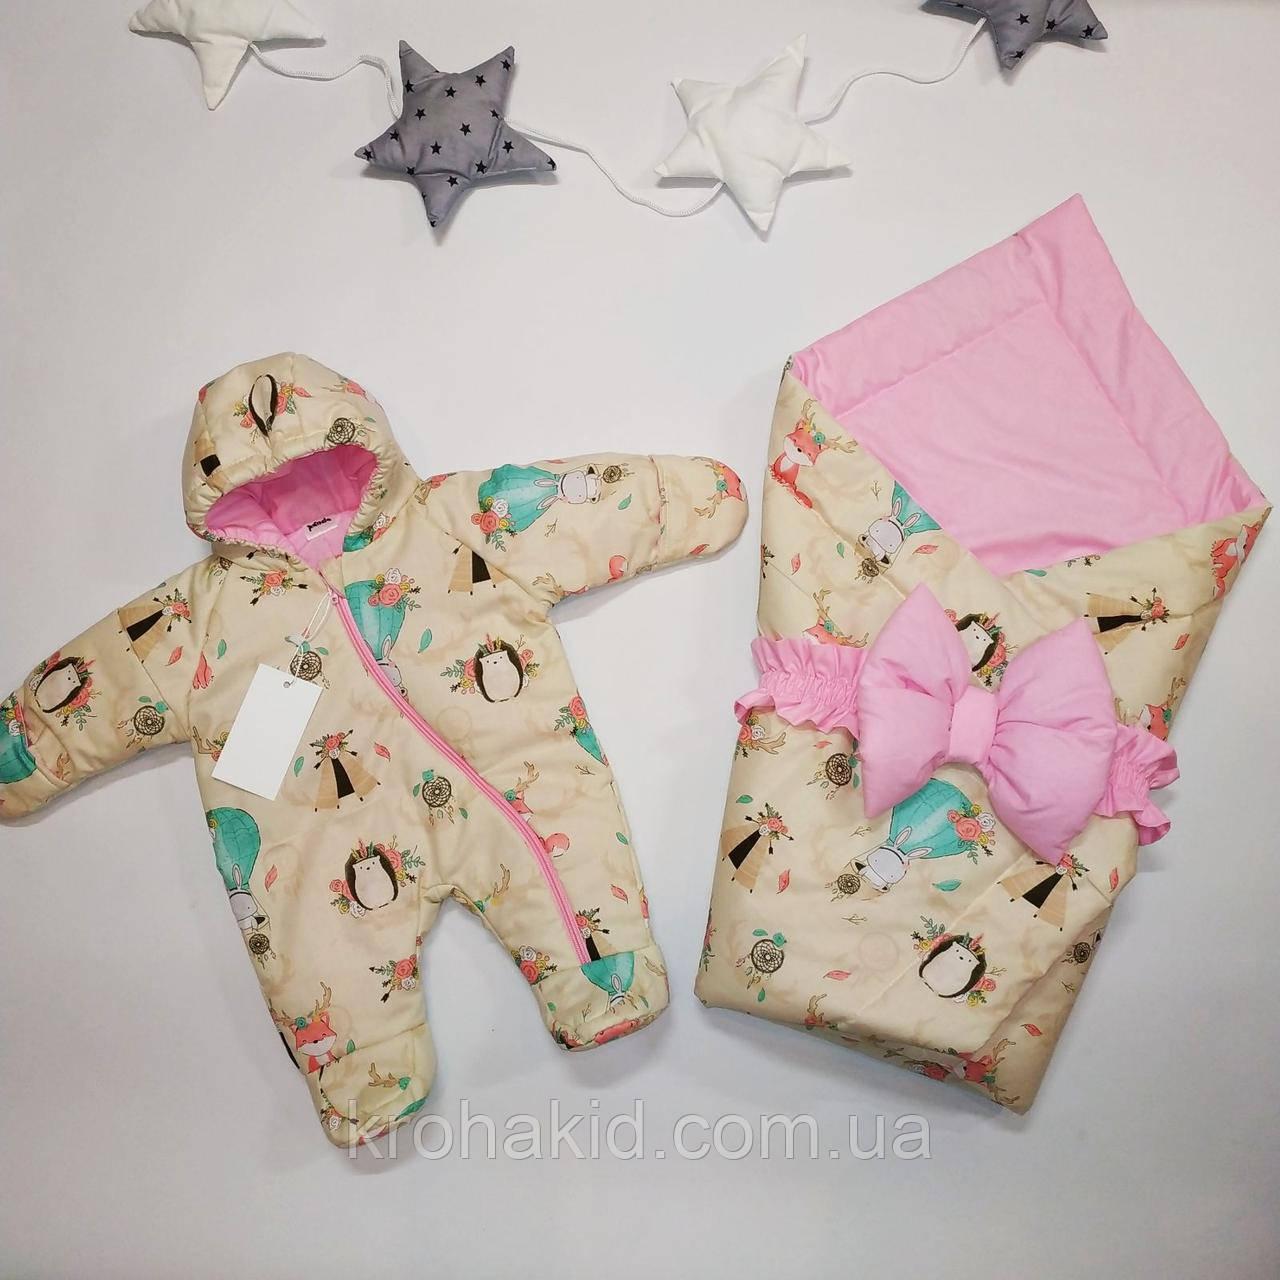 """Зимовий комплект на виписку для новонародженого """"Панда"""" Larі (конверт, шапочка, чоловічок ): конверт-ковдра"""